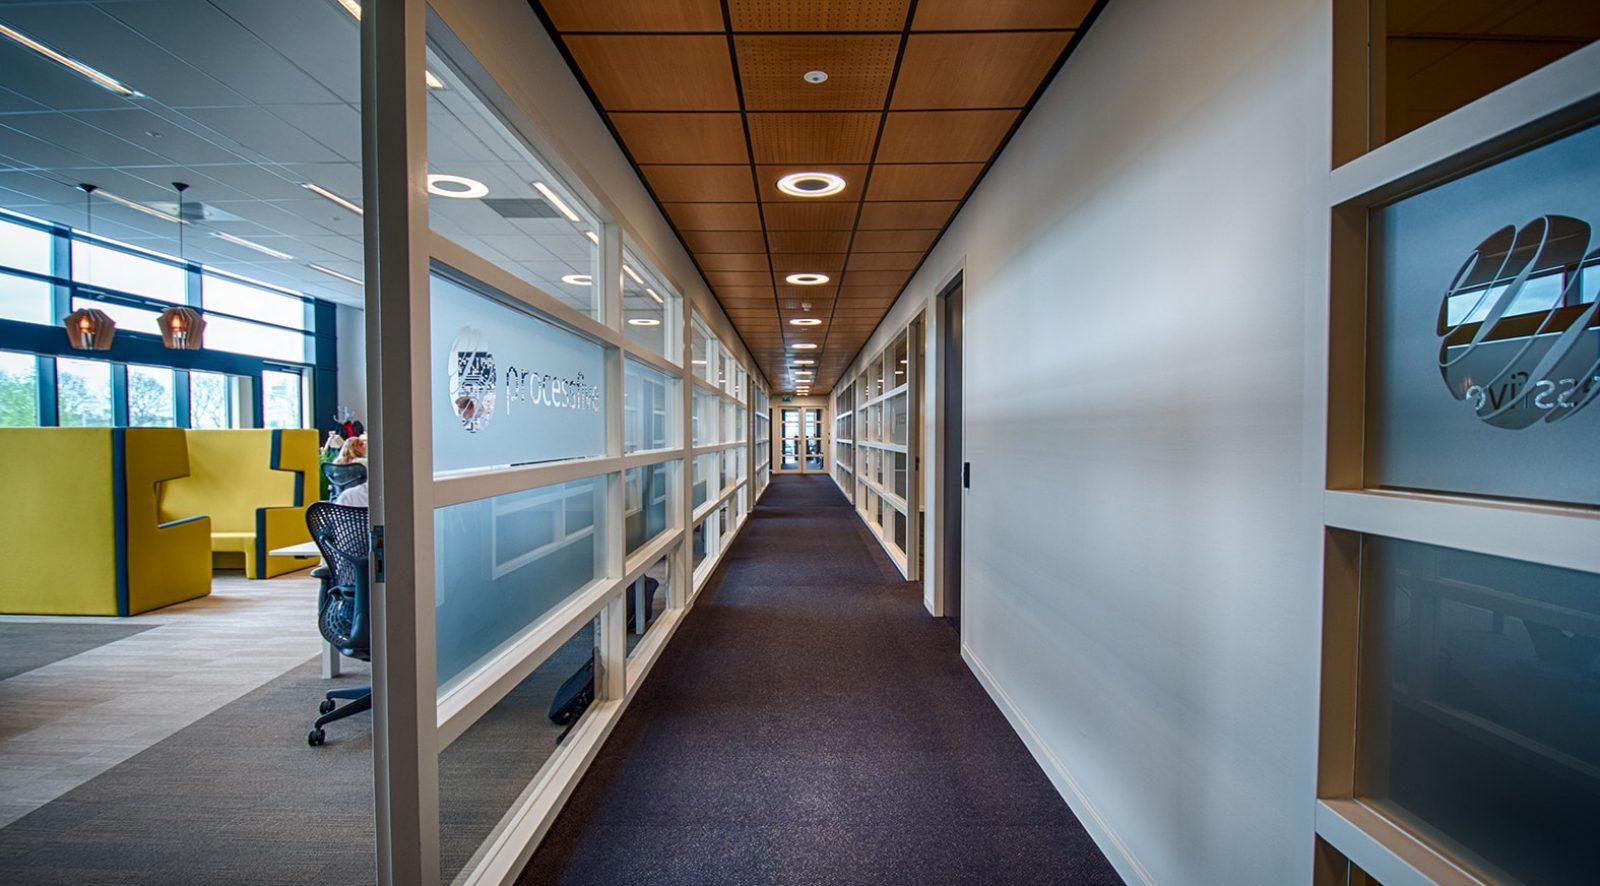 Bedrijfsruimte in Alphen aan den Rijn | Crown Business Center